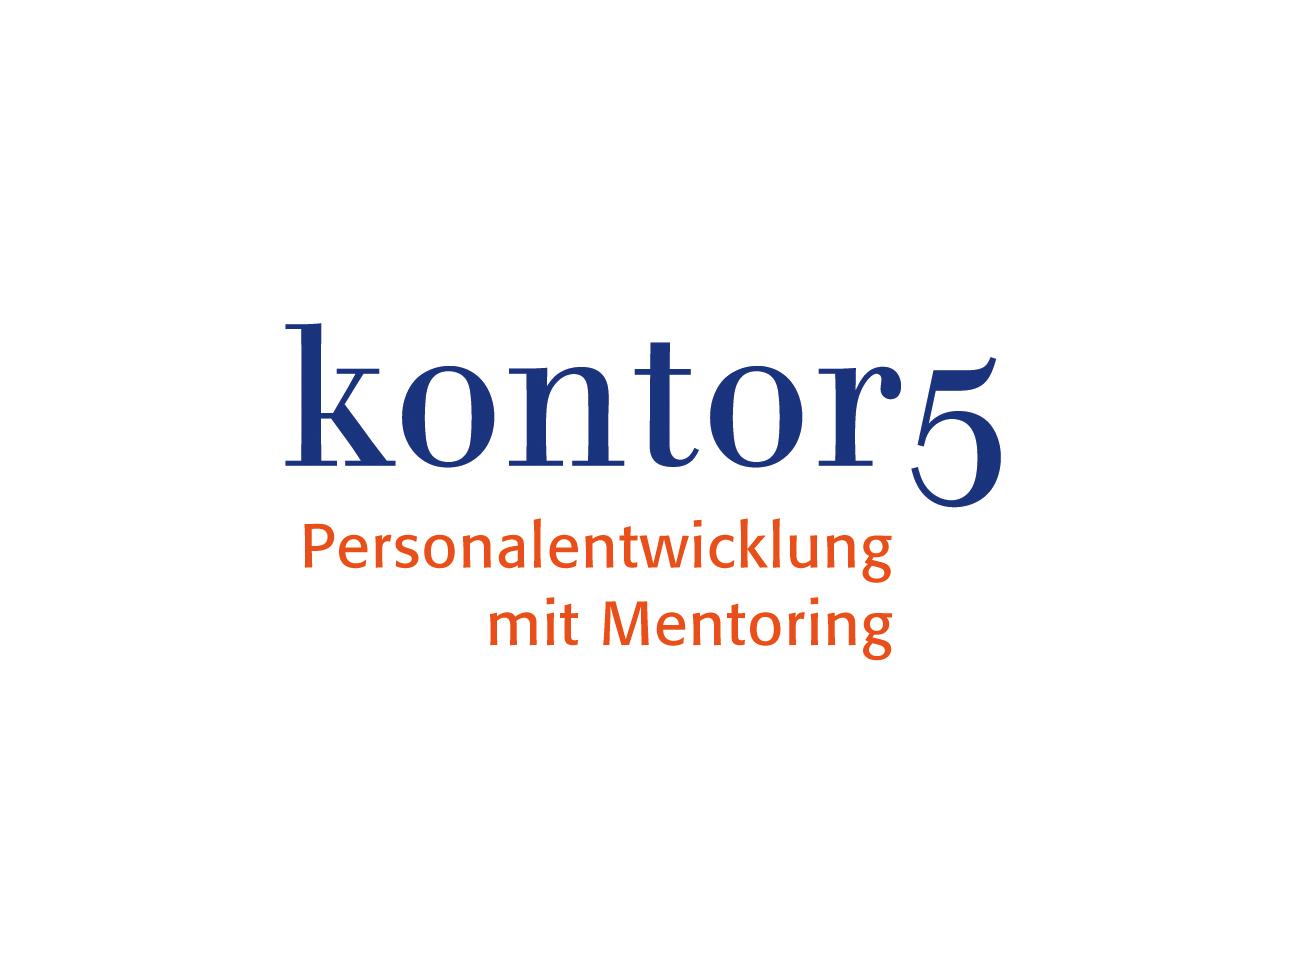 martin_zech_design_corporate_design_kontor5_logo